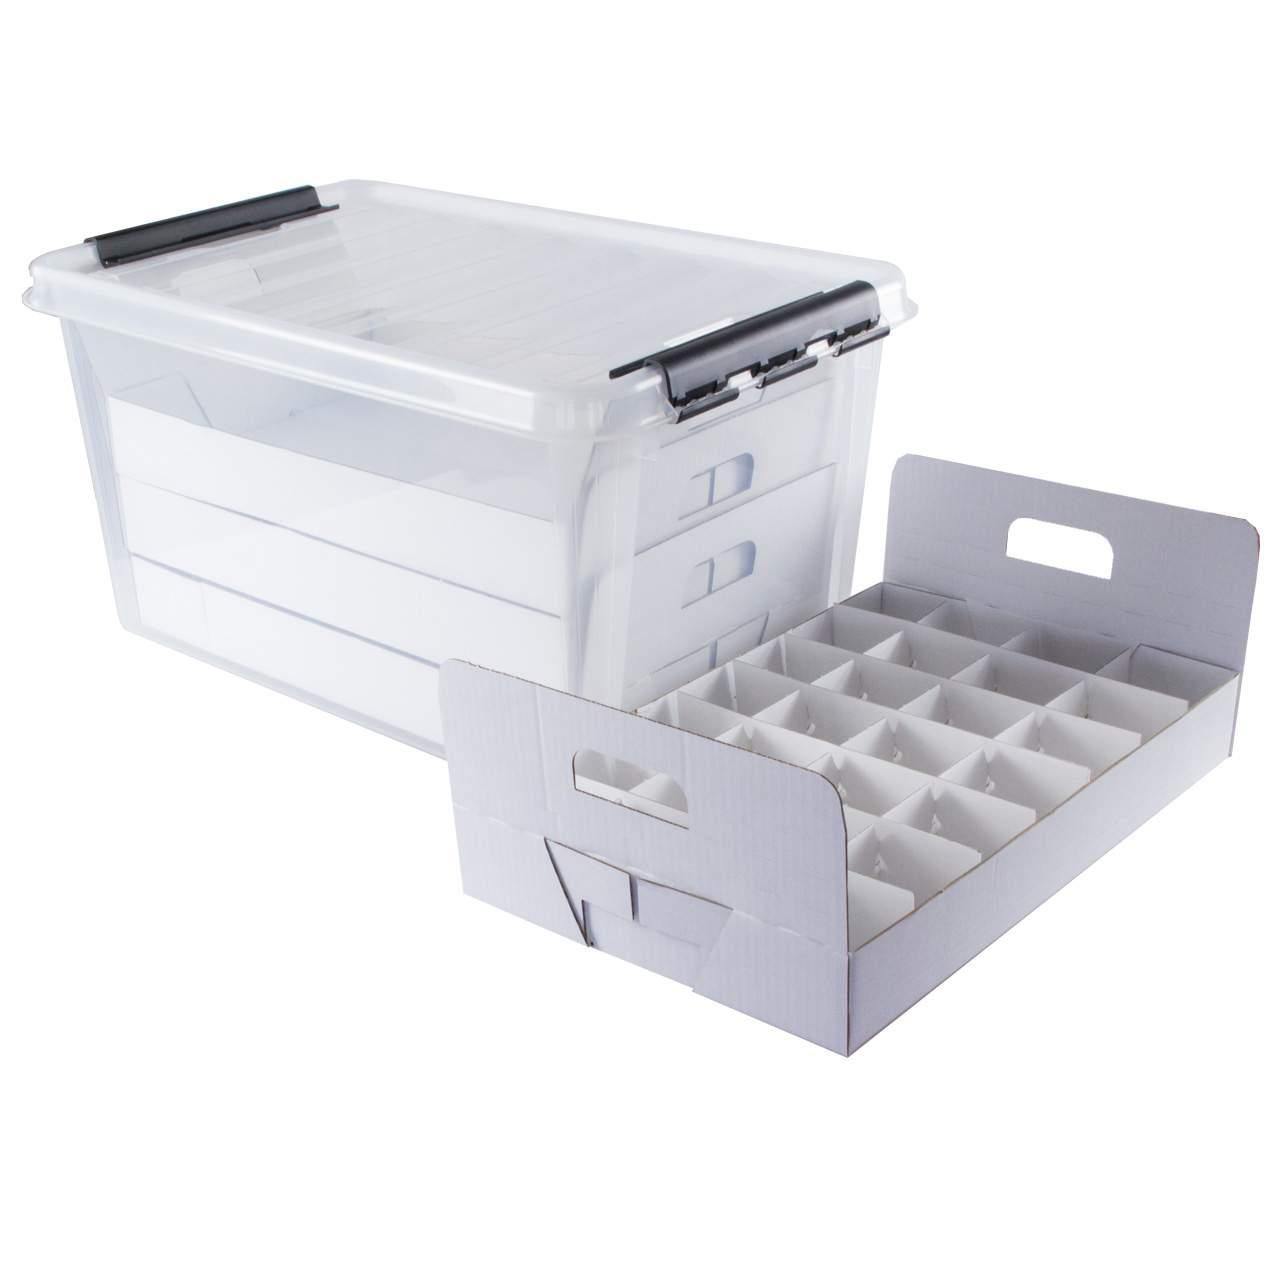 Aufbewahrungsbox Garten Reizend top Box Aufbewahrungsbox Für Dekoartikel Mit Gefache